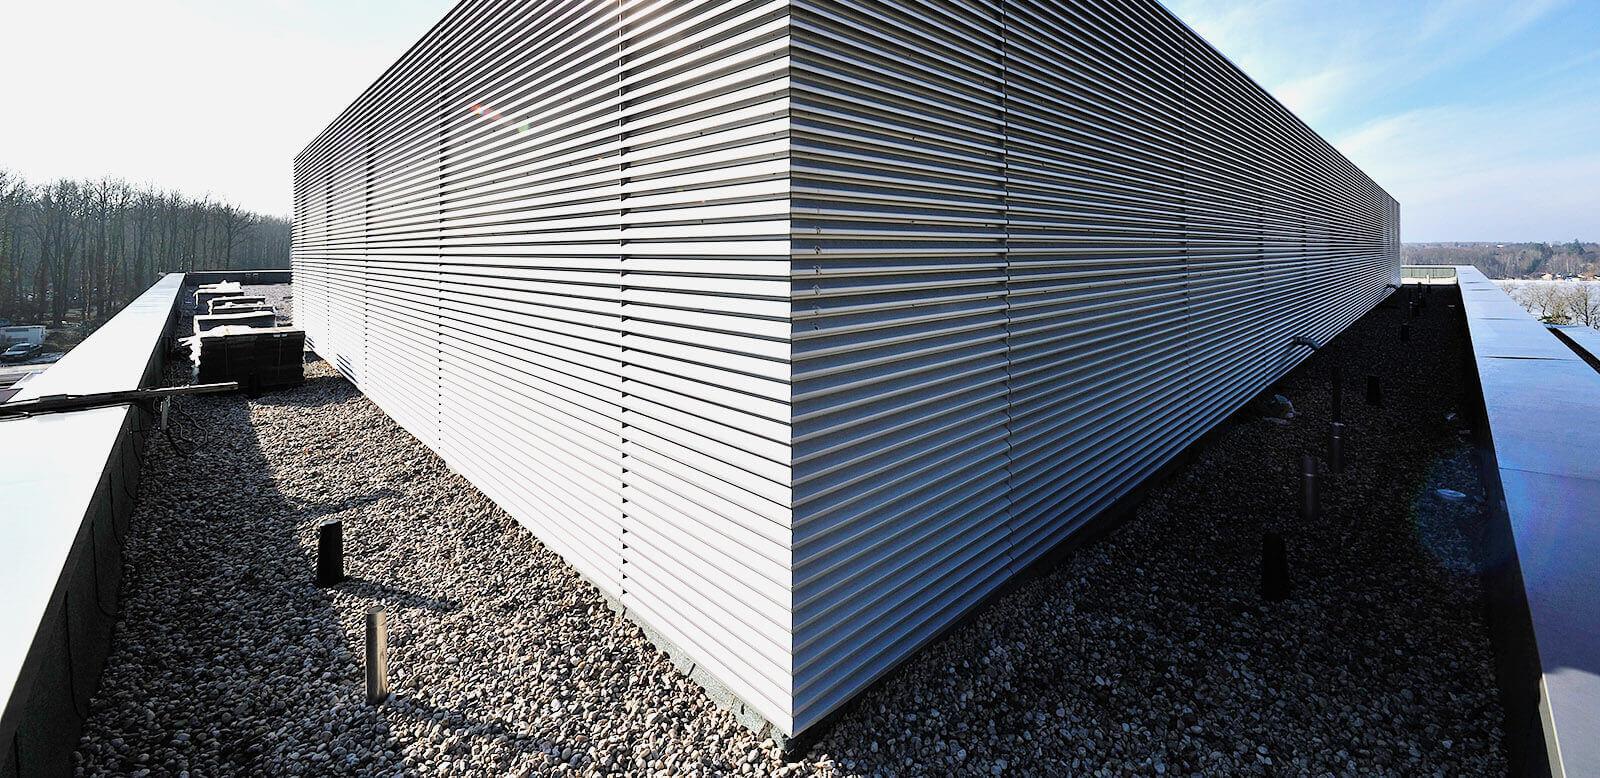 Einzigartig Fassade Mit Blech Verkleiden Foto Von Dieringer Lamellen Als Verkleidung Der Technik